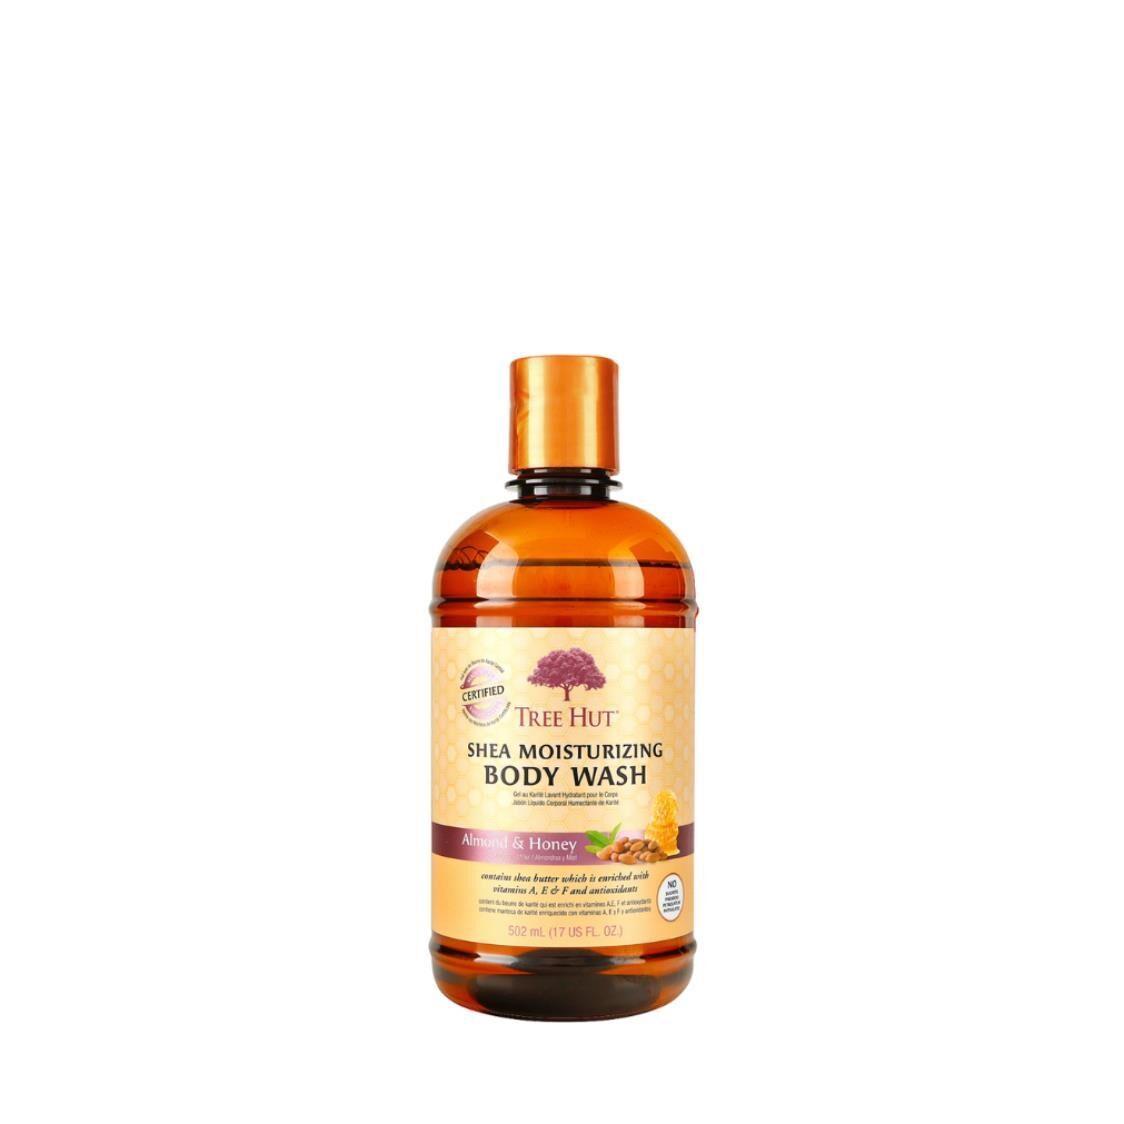 Shea Moisturizing Body Wash Almond  Honey 17oz 482g